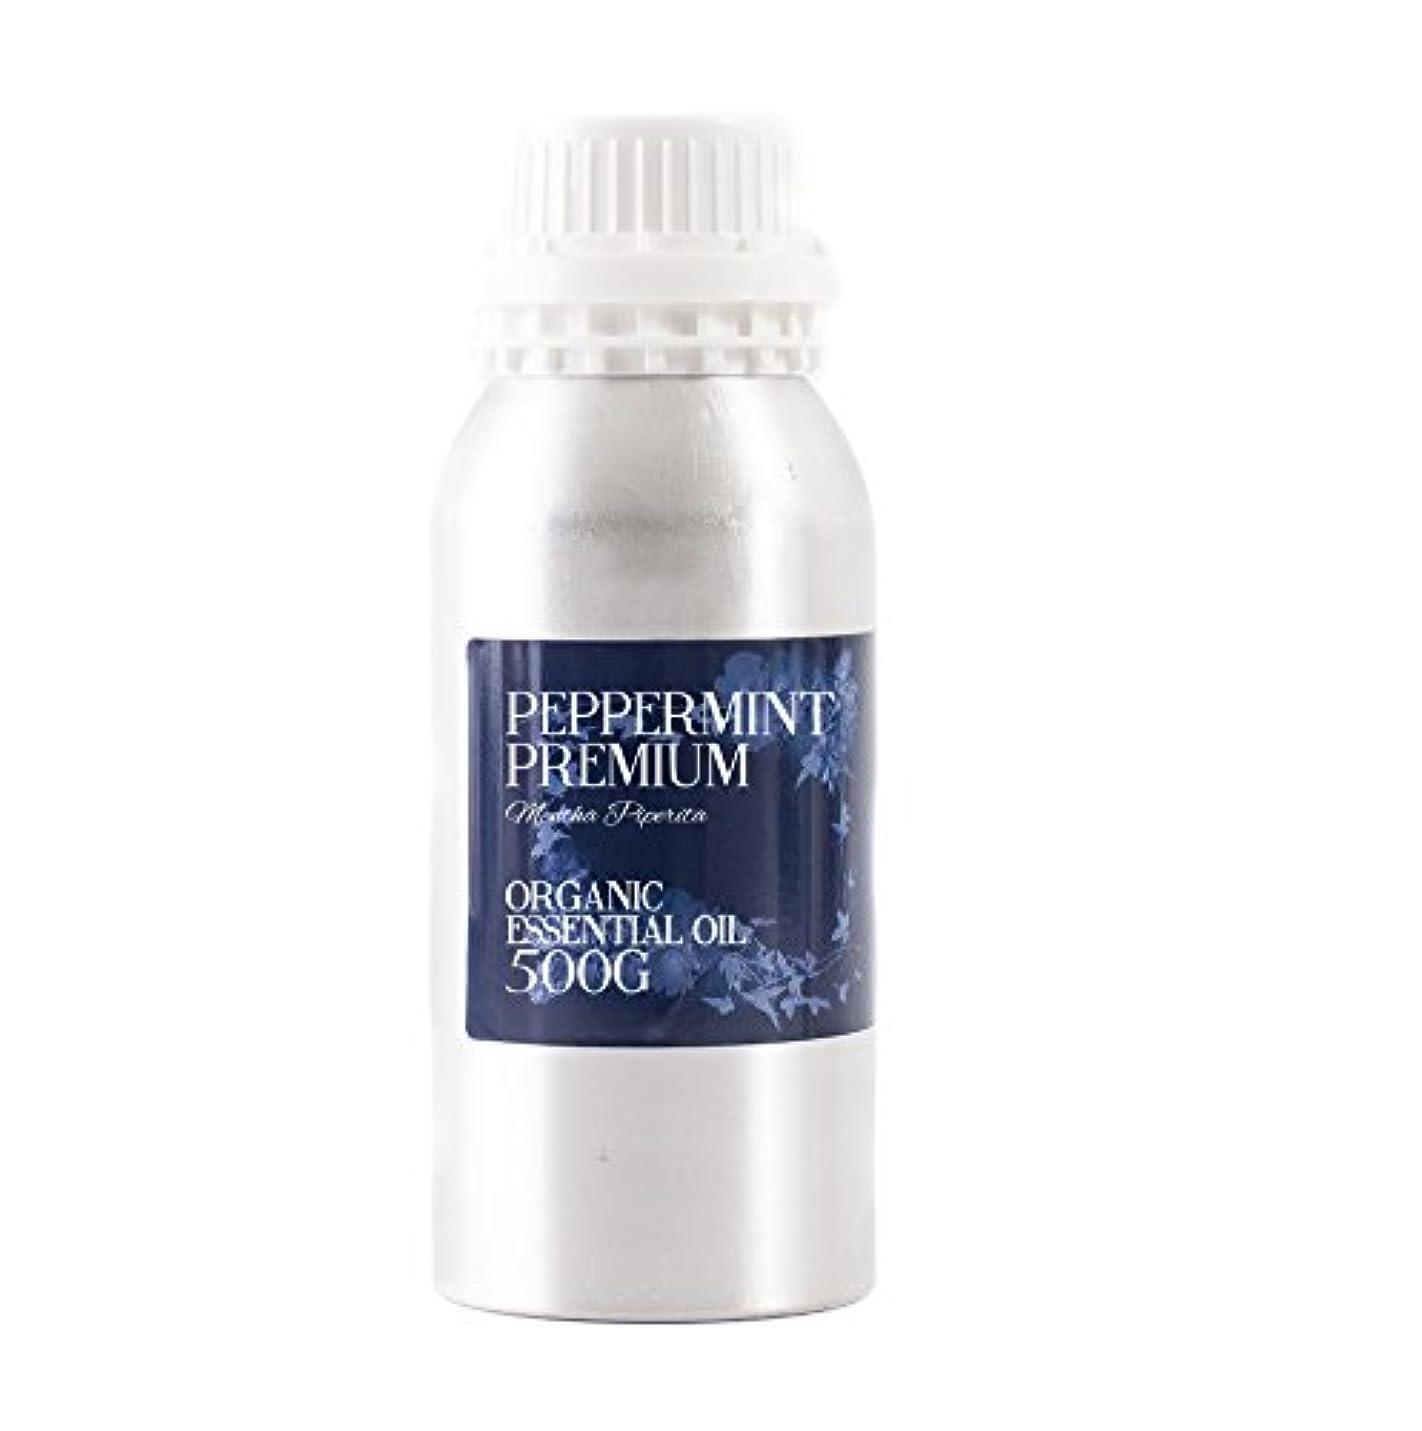 メイト木材ストライクMystic Moments | Peppermint Premium Organic Essential Oil - 500g - 100% Pure